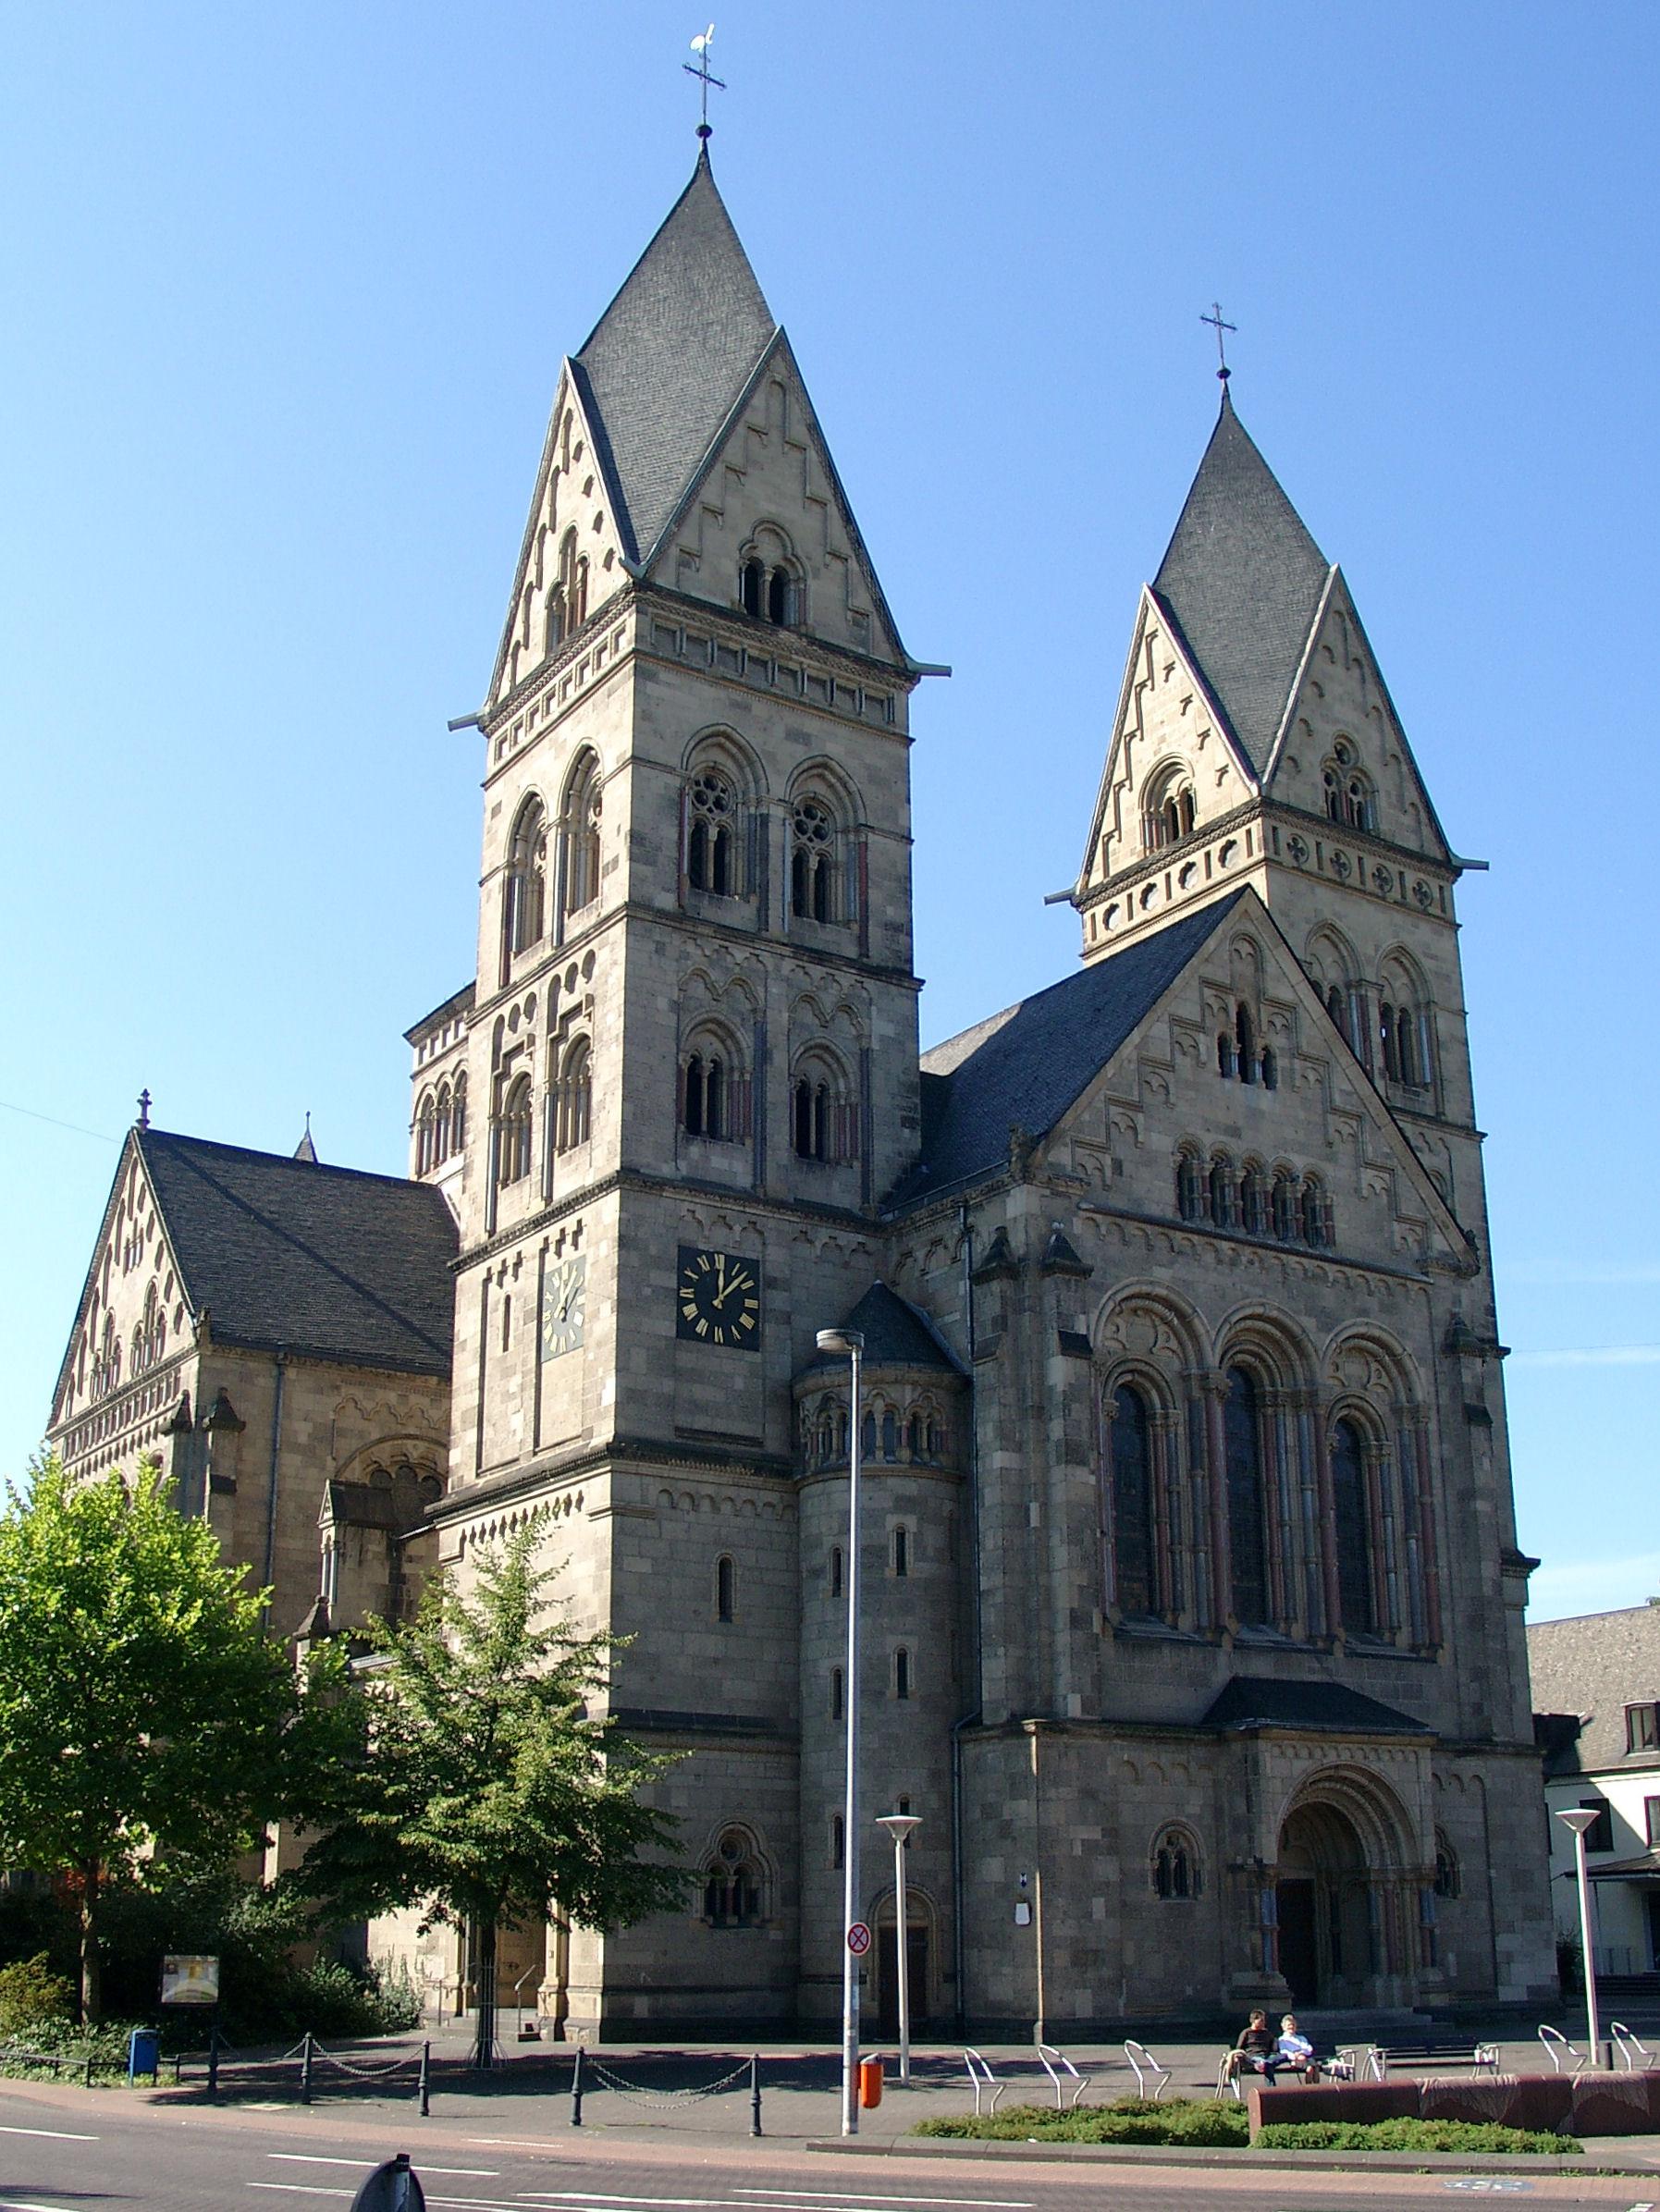 Datei:Herz-Jesu-Kirche Koblenz 2003.jpg - Wikipedia